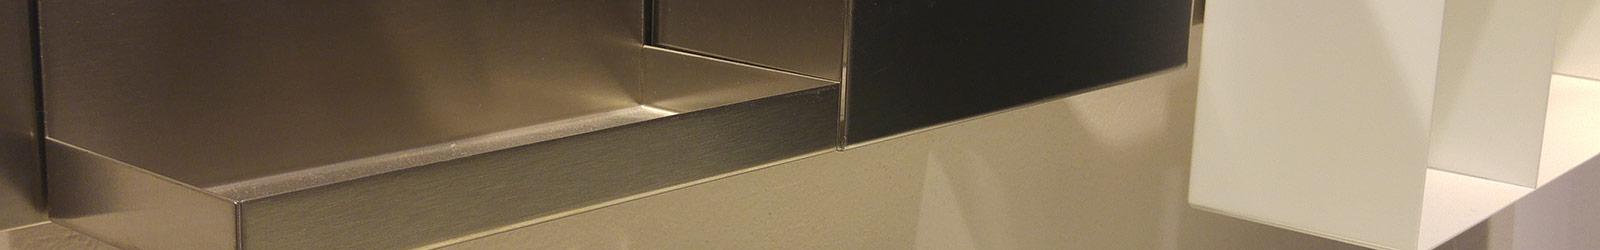 Vendita accessori bagno a torino - Accessori bagno torino ...